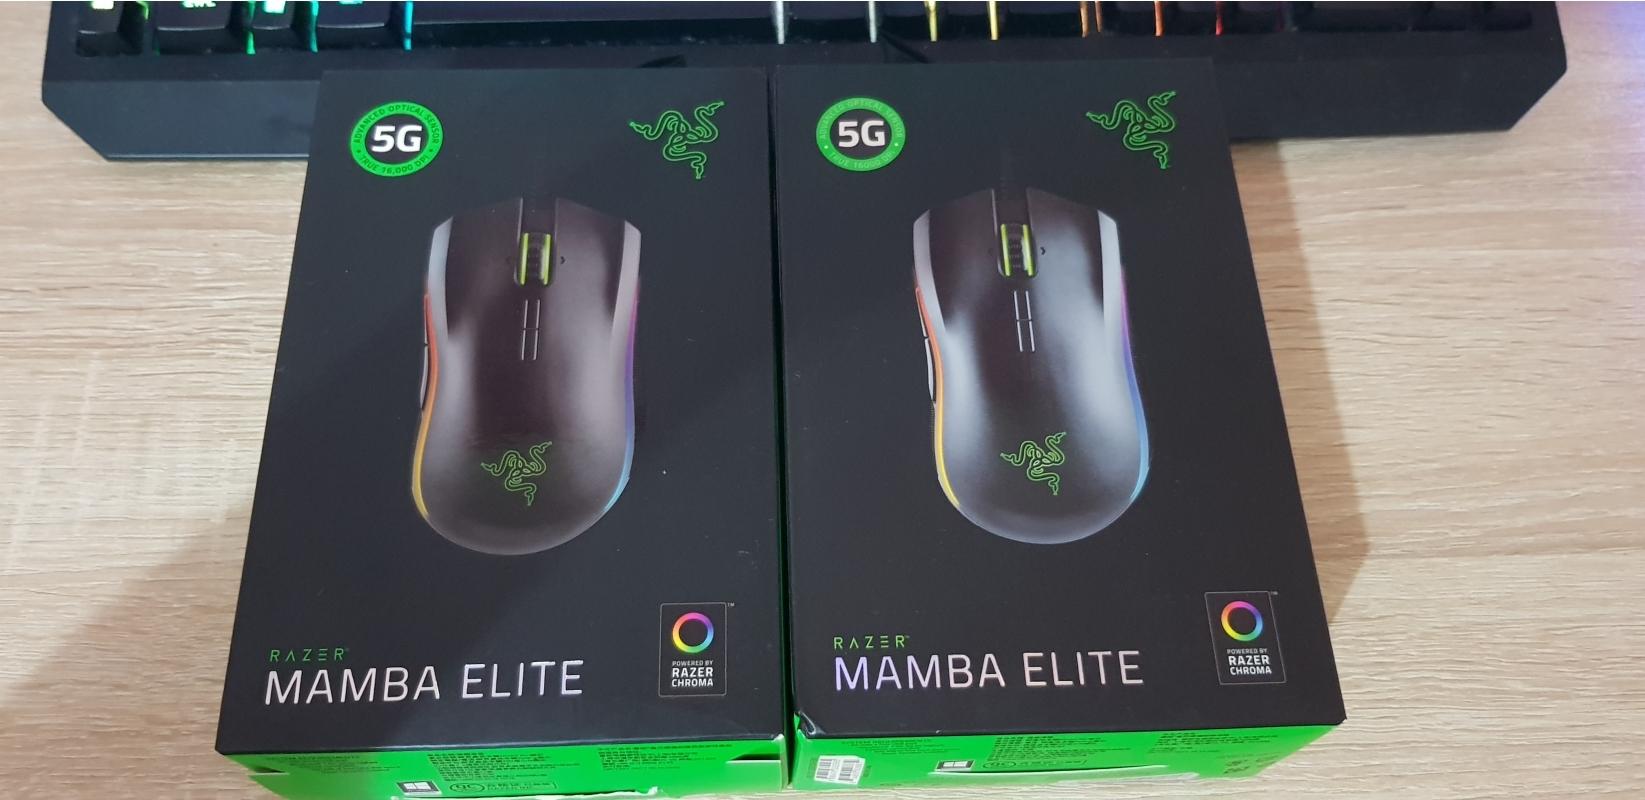 Razer Mamba Elite Топовая игровая мышка